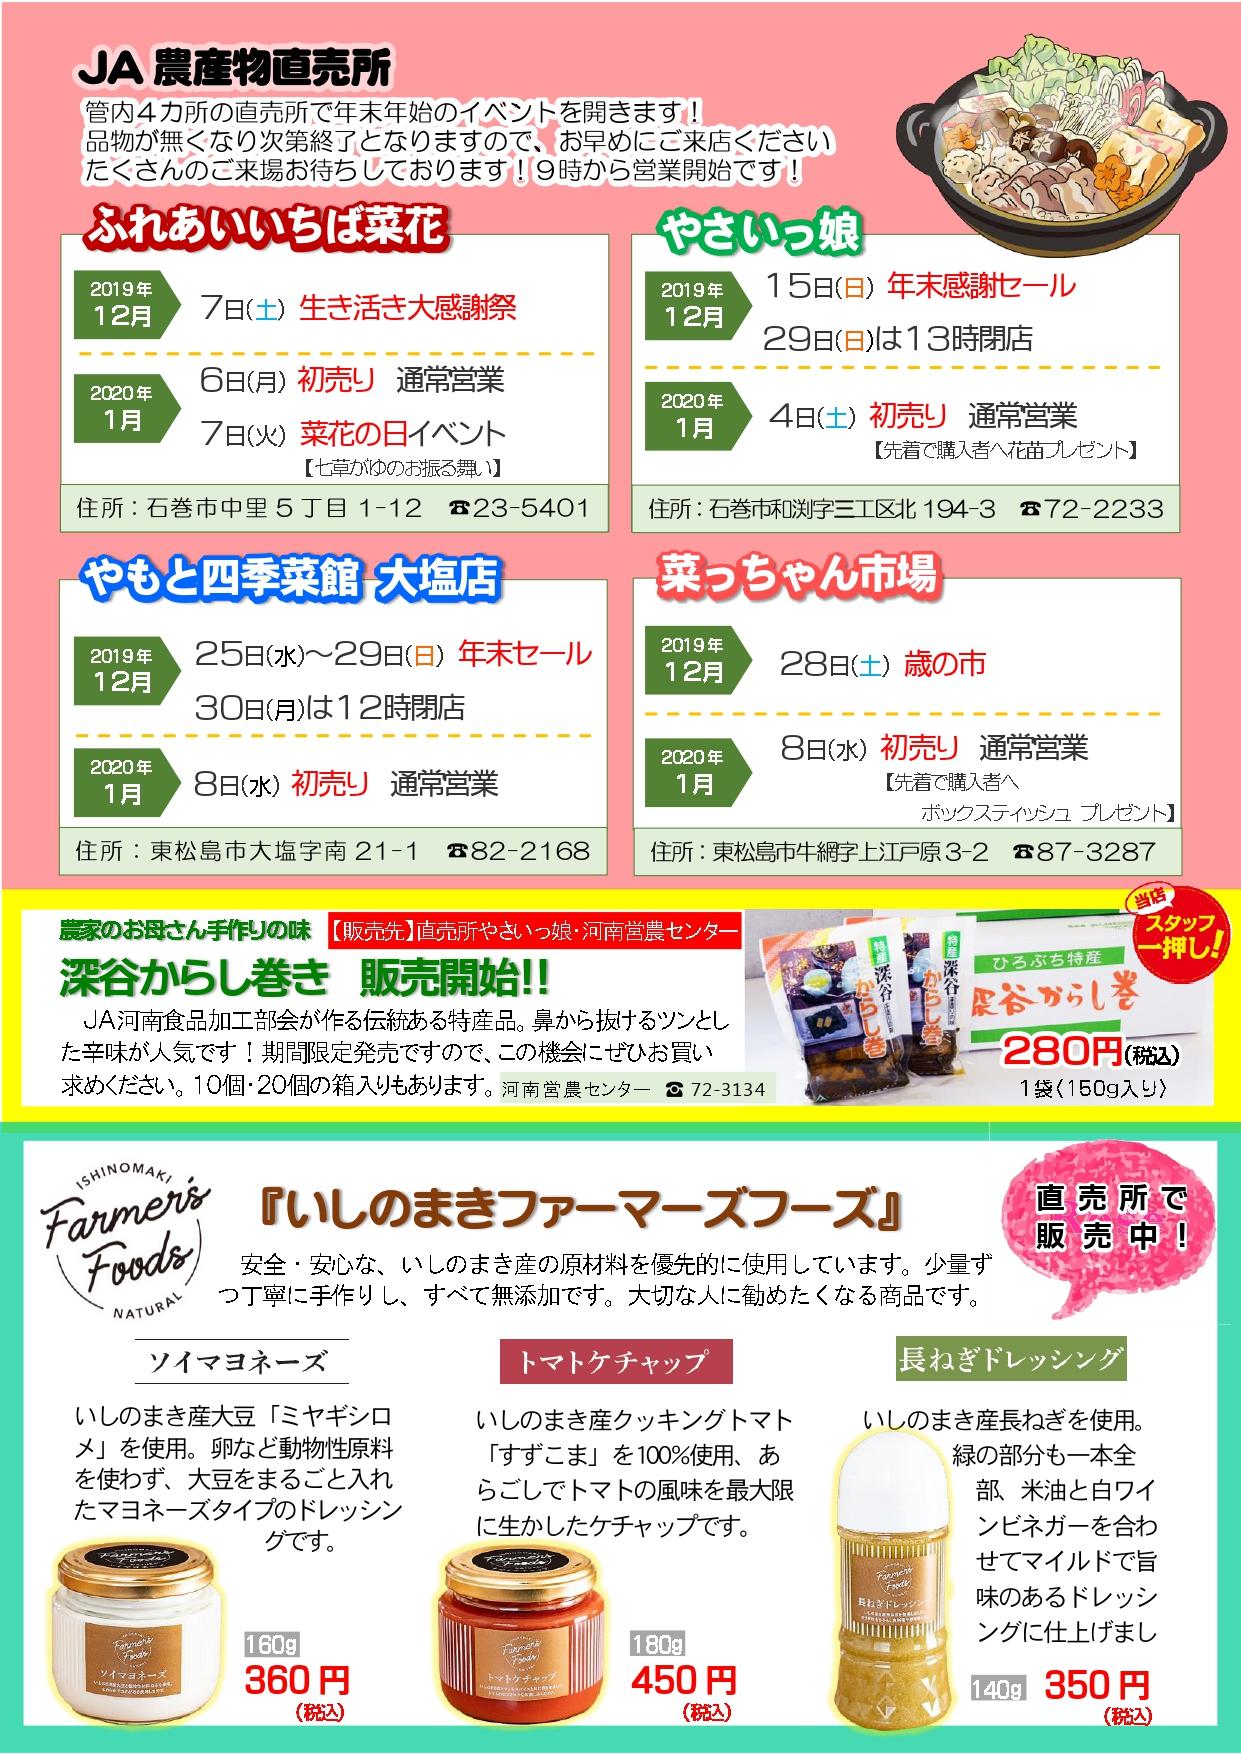 【ポストチラシ】2019.12-3